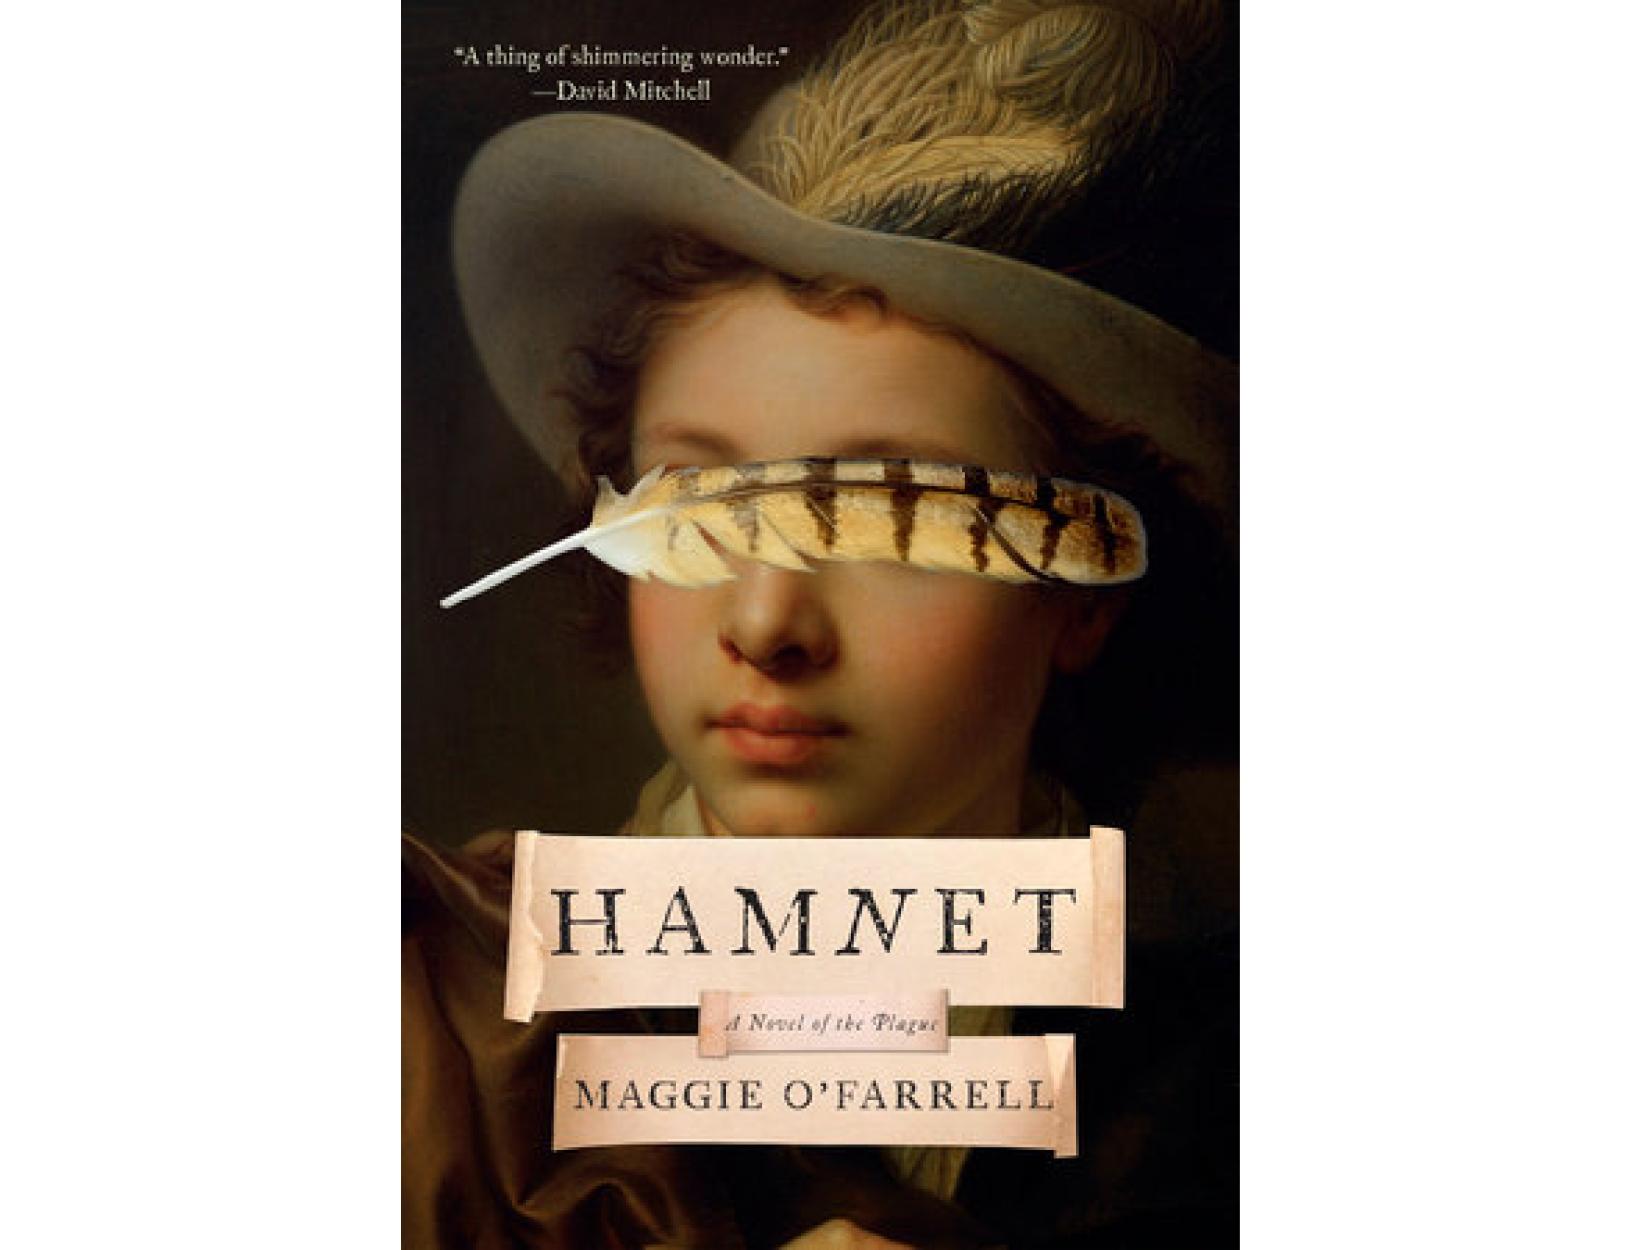 <em>Hamnet</em> by Maggie O'Farrell